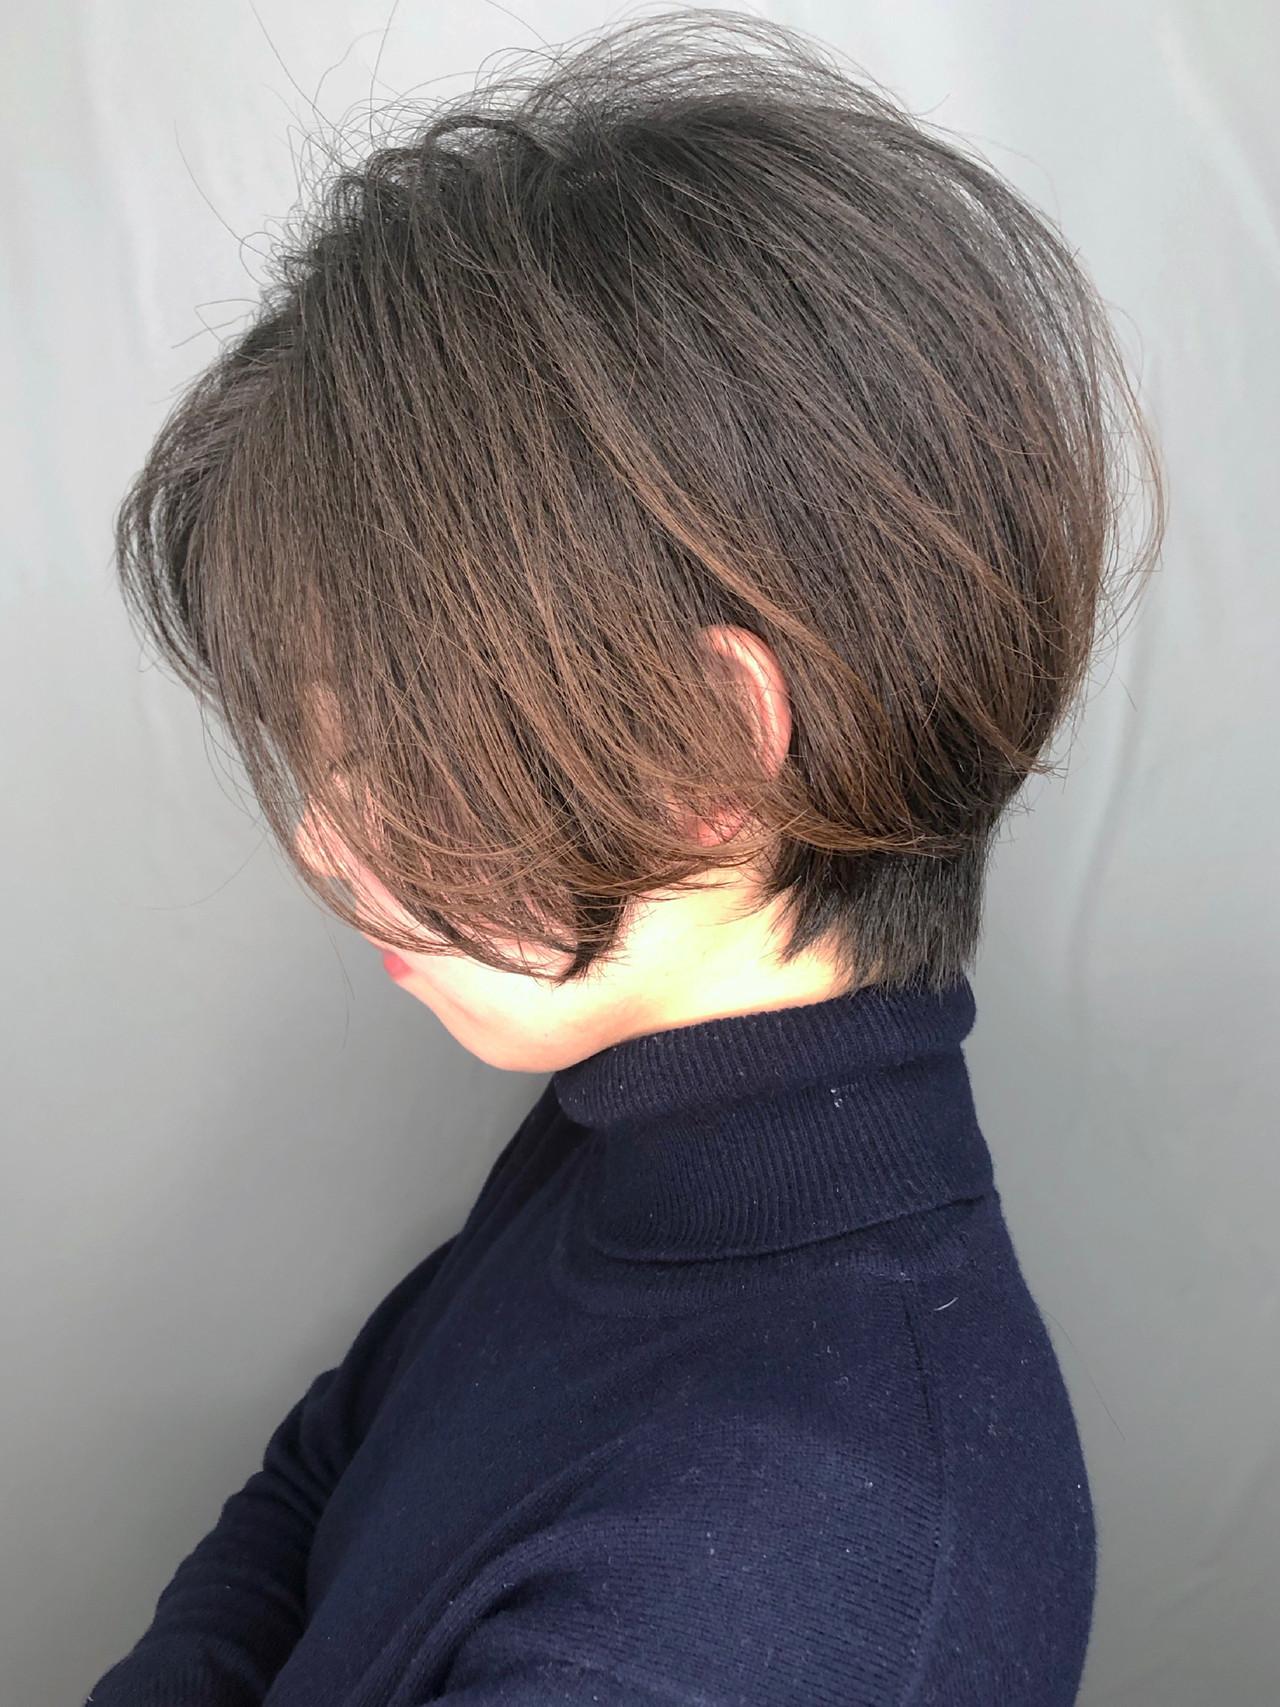 ナチュラル ショートボブ 大人かわいい アイロンワーク ヘアスタイルや髪型の写真・画像 | 日平 海 / モリオフロムロンドン 池袋店